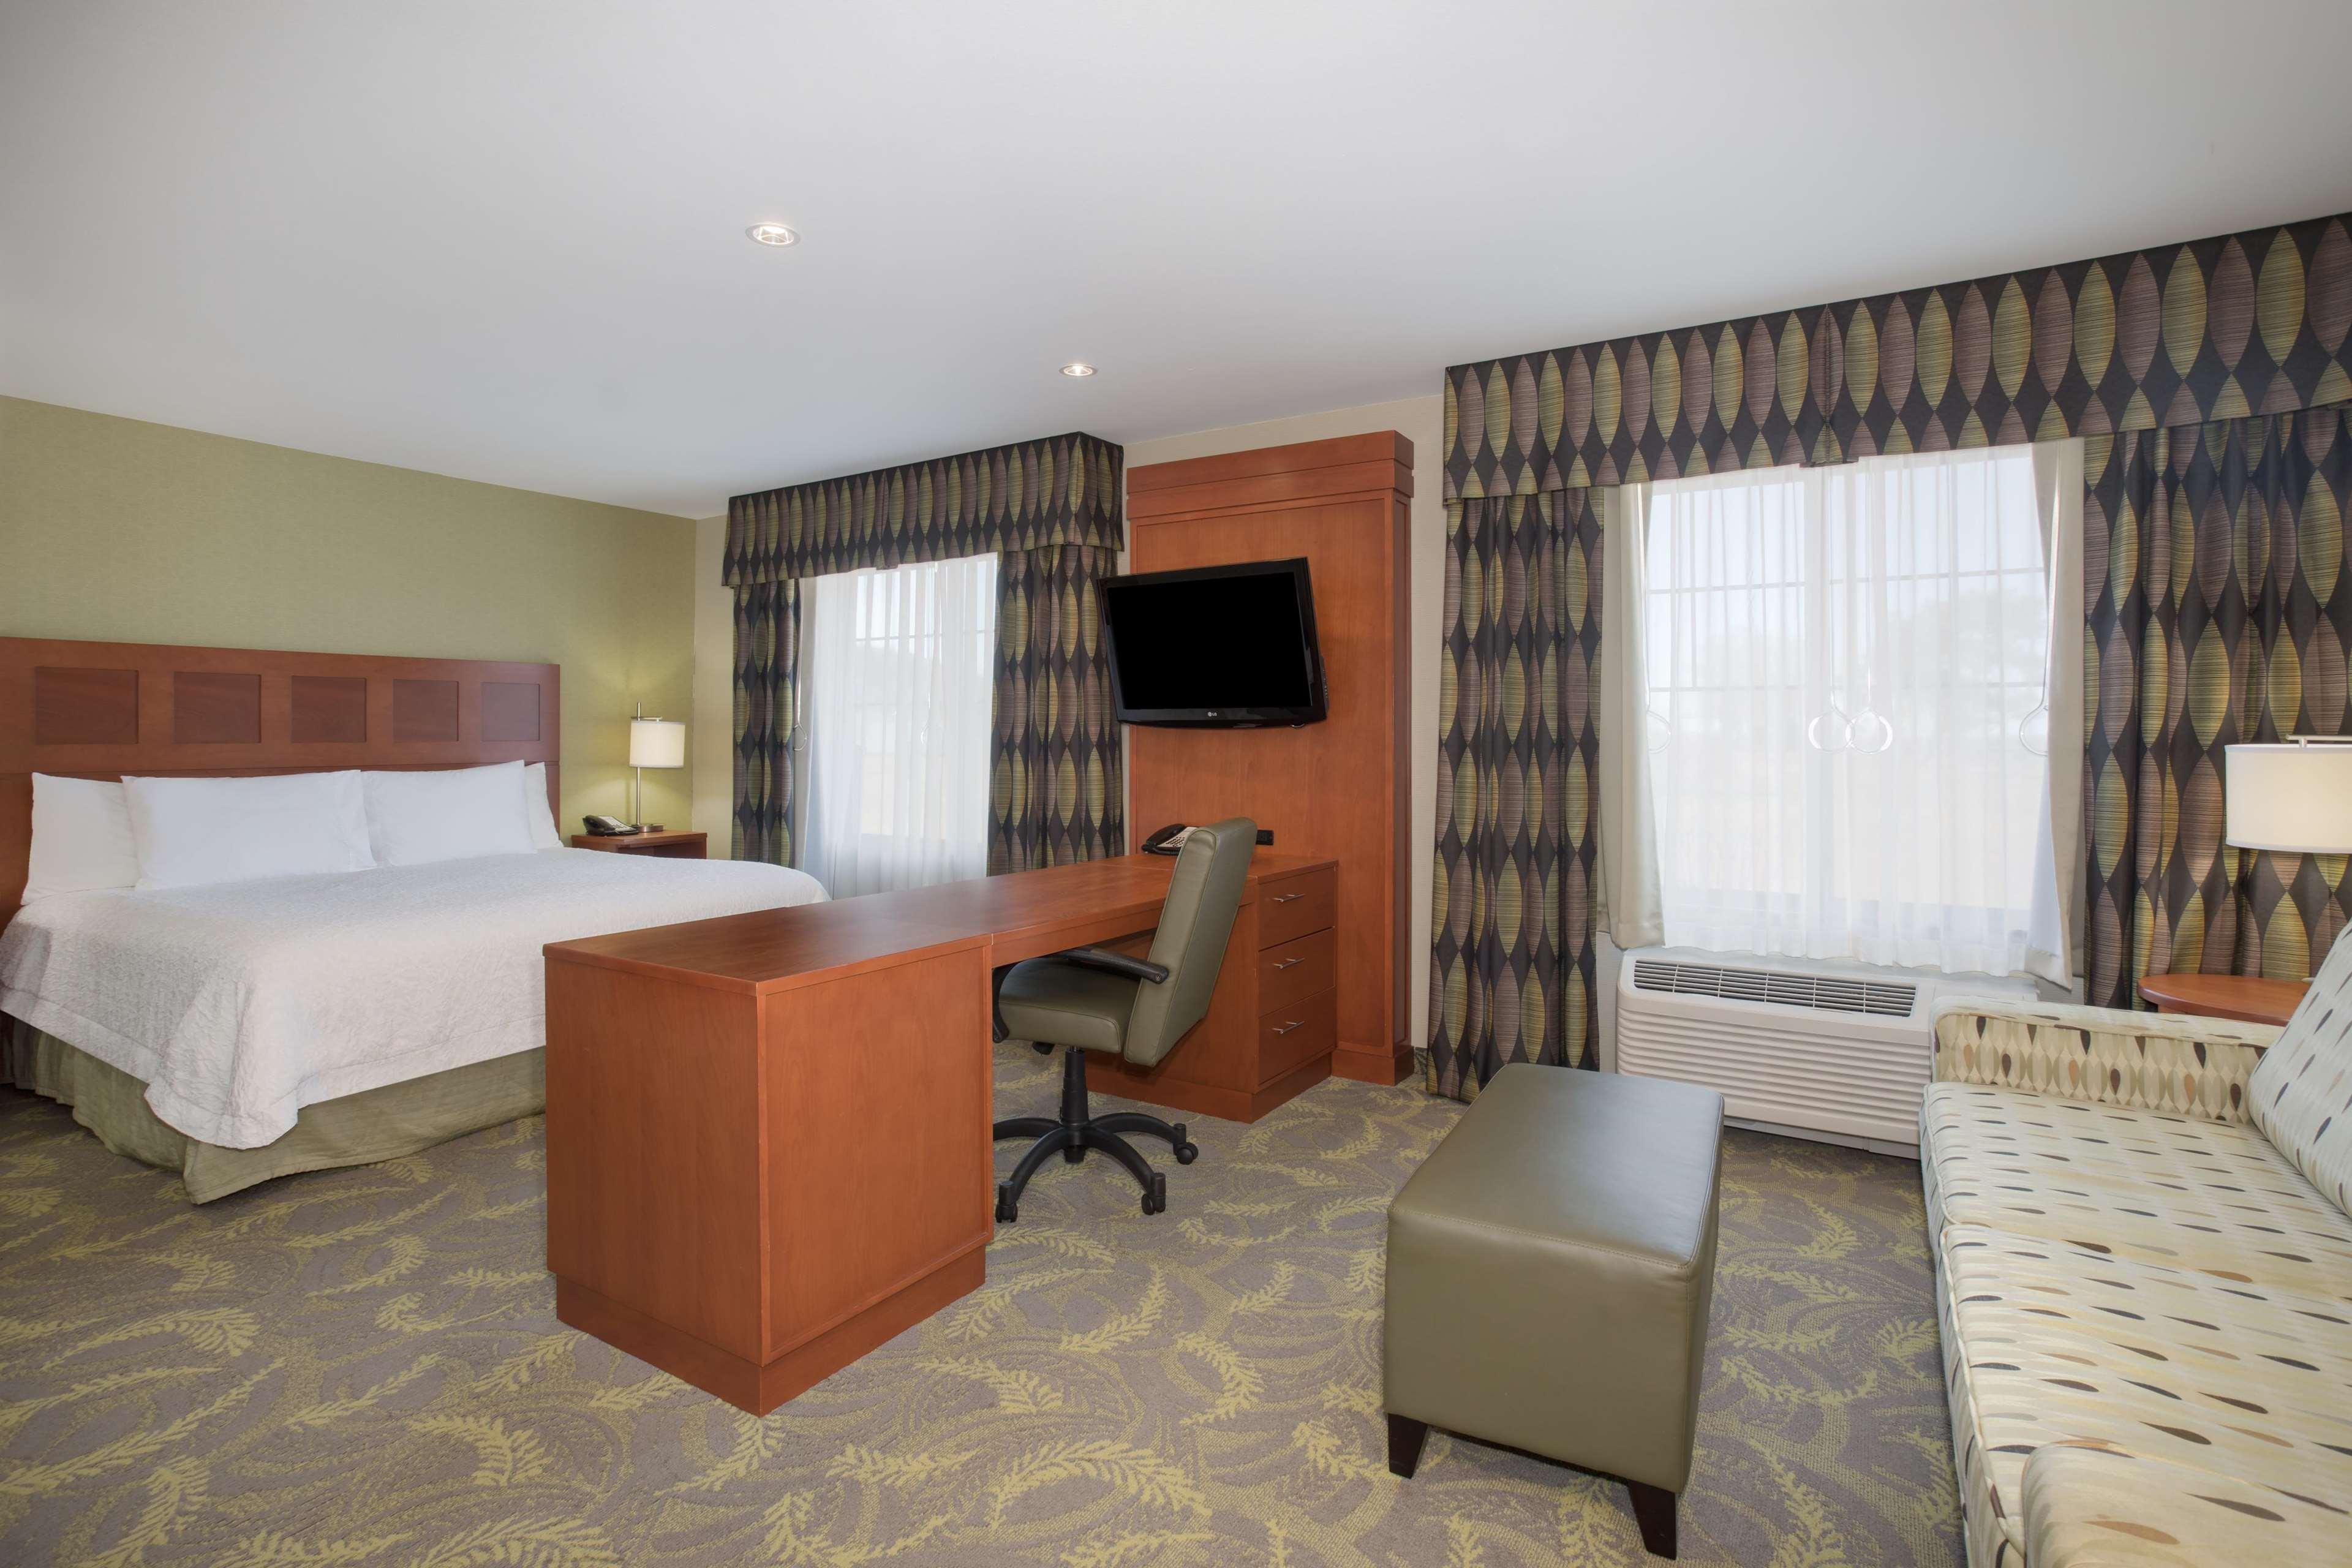 Hampton Inn & Suites Astoria image 23